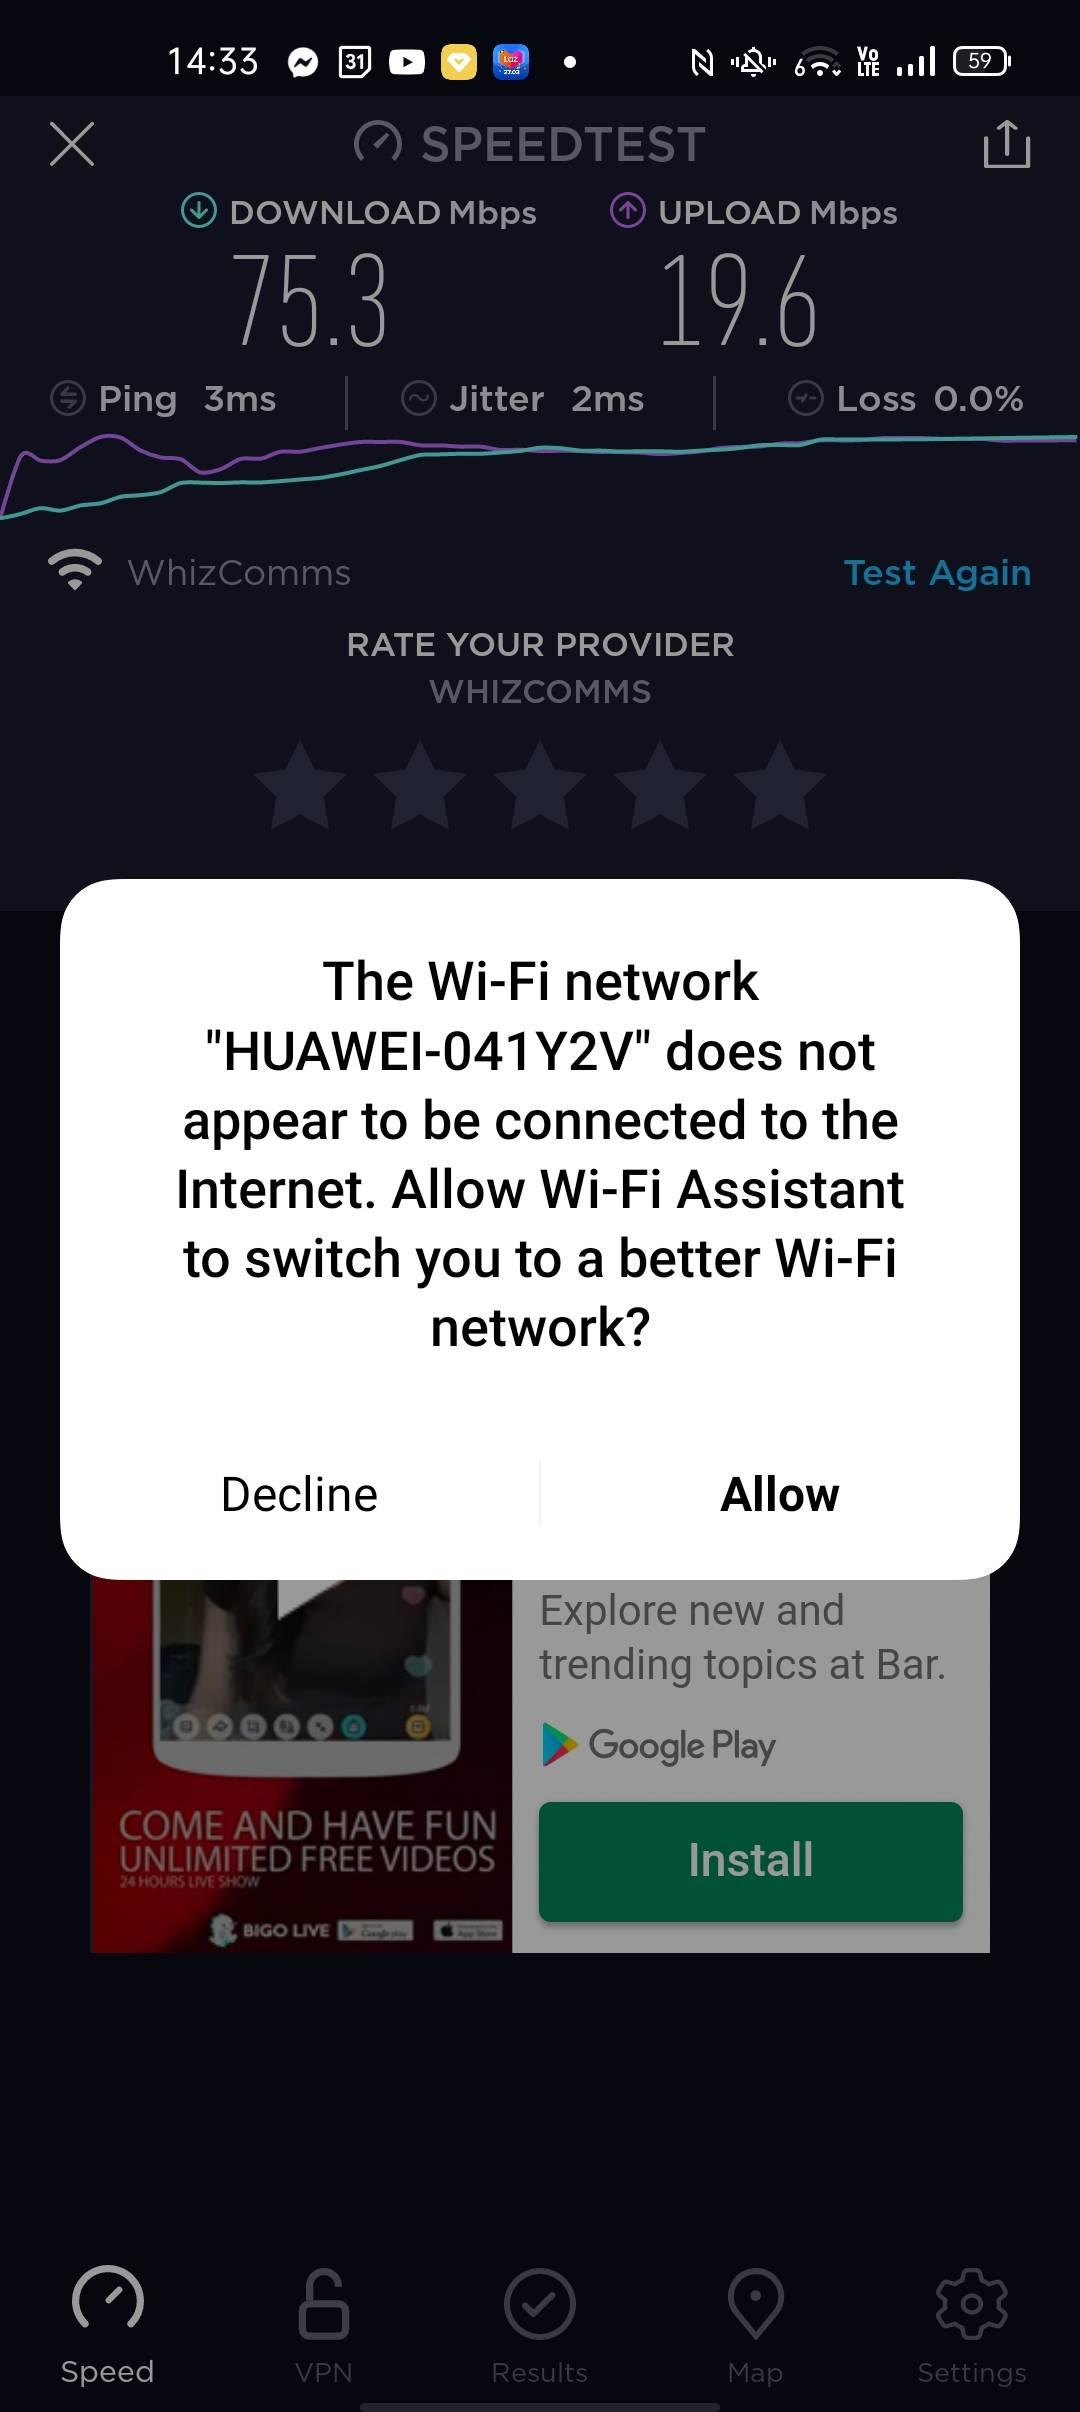 Goondu review: Huawei WiFi AX3 March 22nd, 2021 | by Wilson Wong Internet 0 Huawei WiFi AX3 Photo: Handout